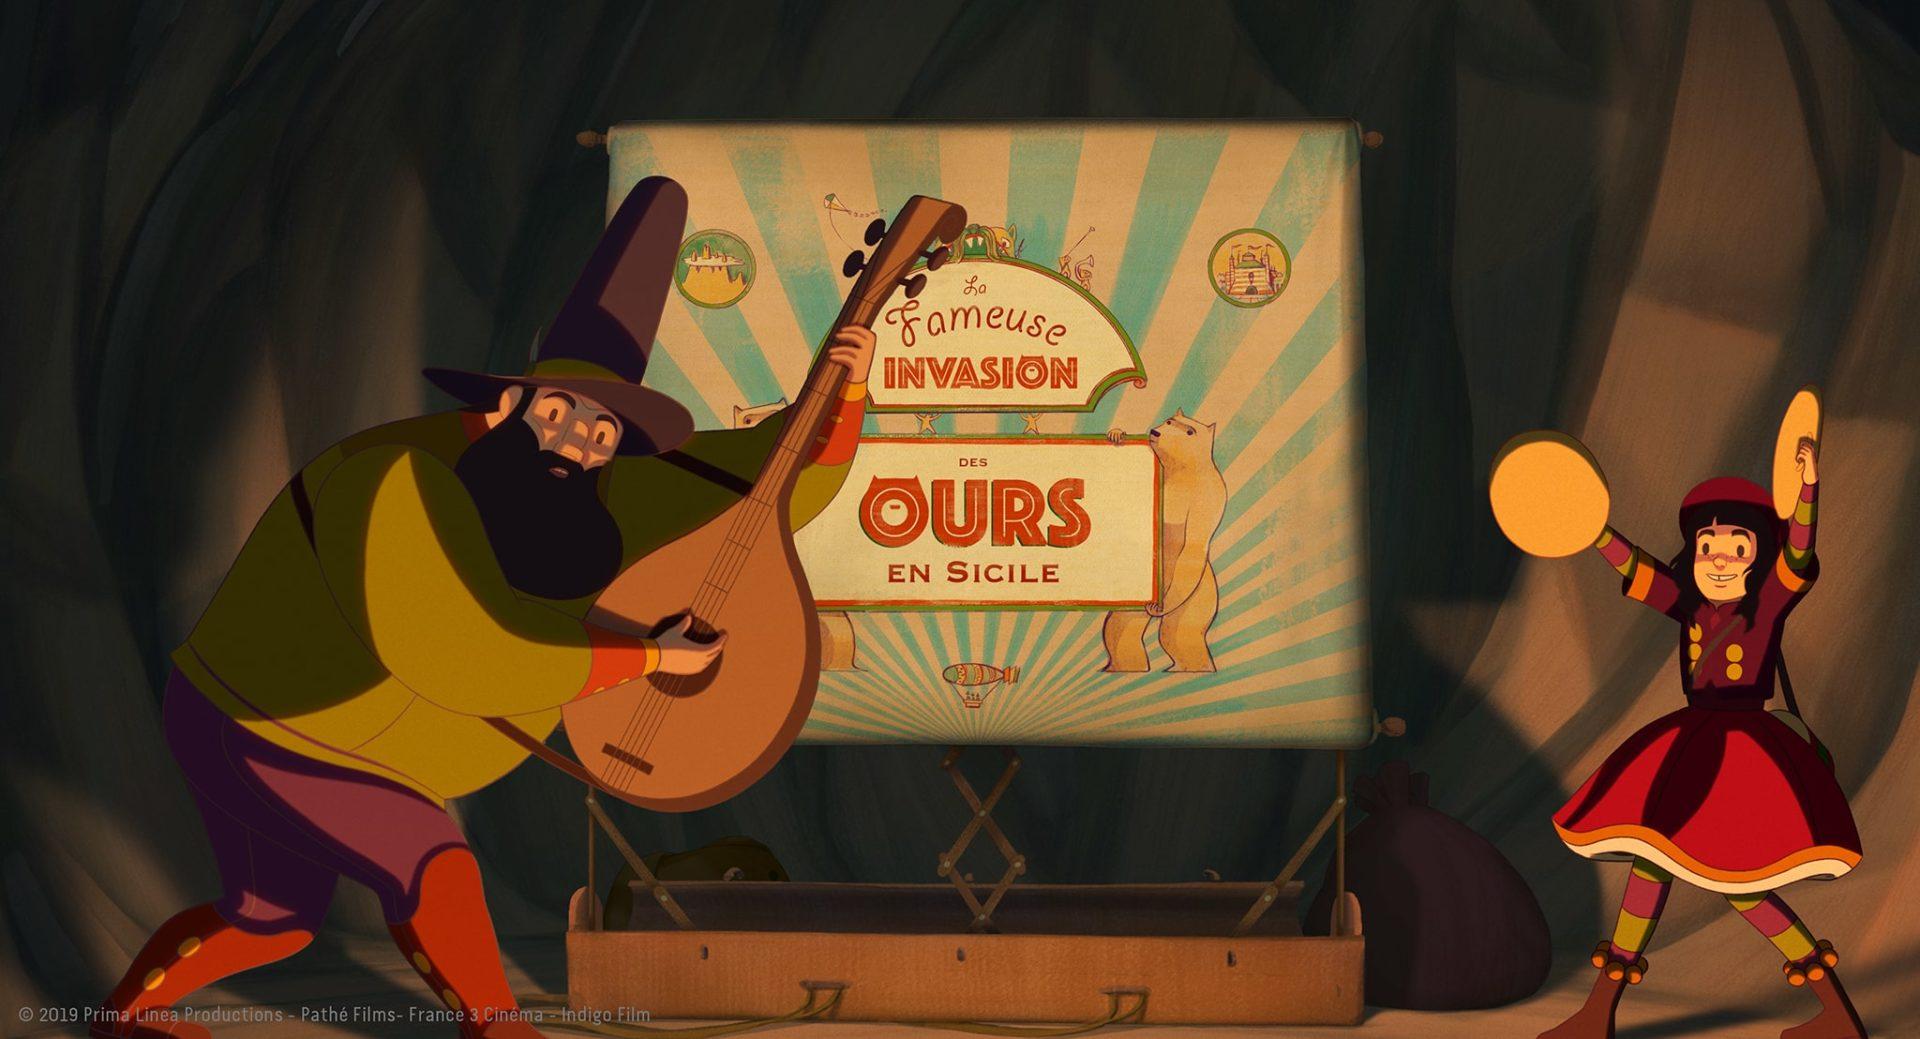 « LA FAMEUSE INVASION DES OURS EN SICILE » de Lorenzo Mattotti à l'affiche au Québec dès le 28 février 2020